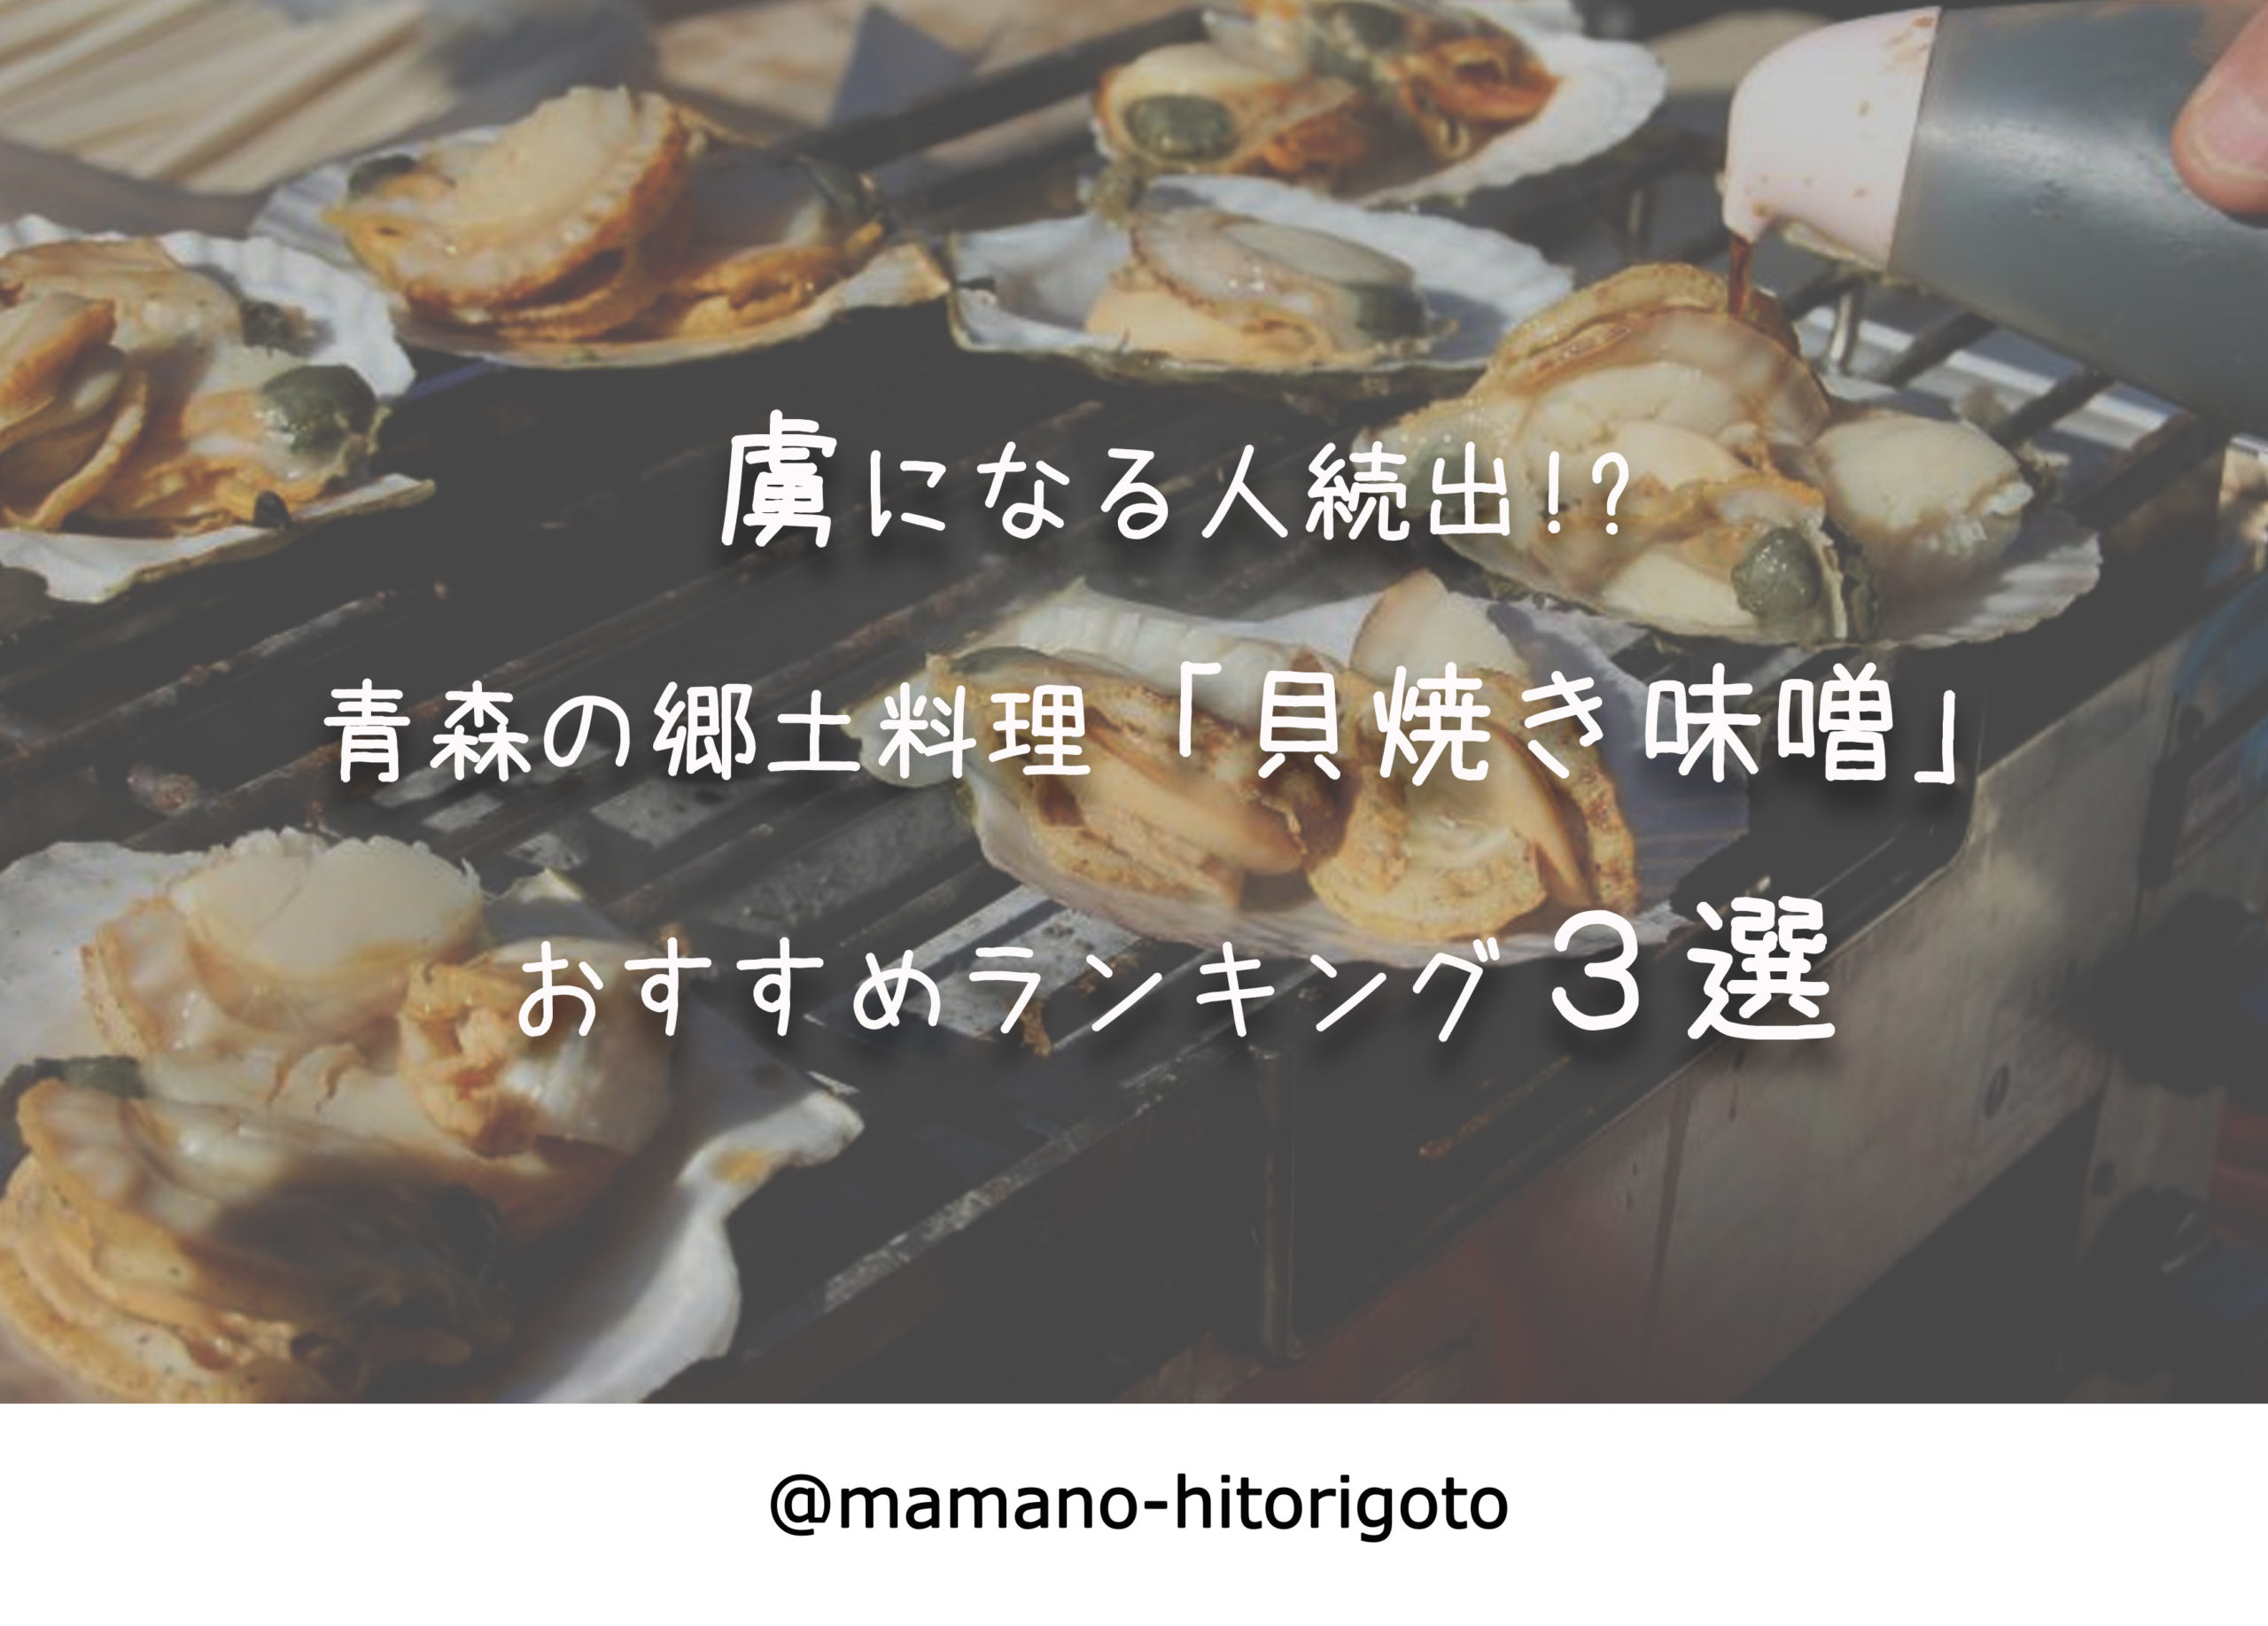 虜になる人続出!?青森の郷土料理「貝焼き味噌」おすすめランキング3選